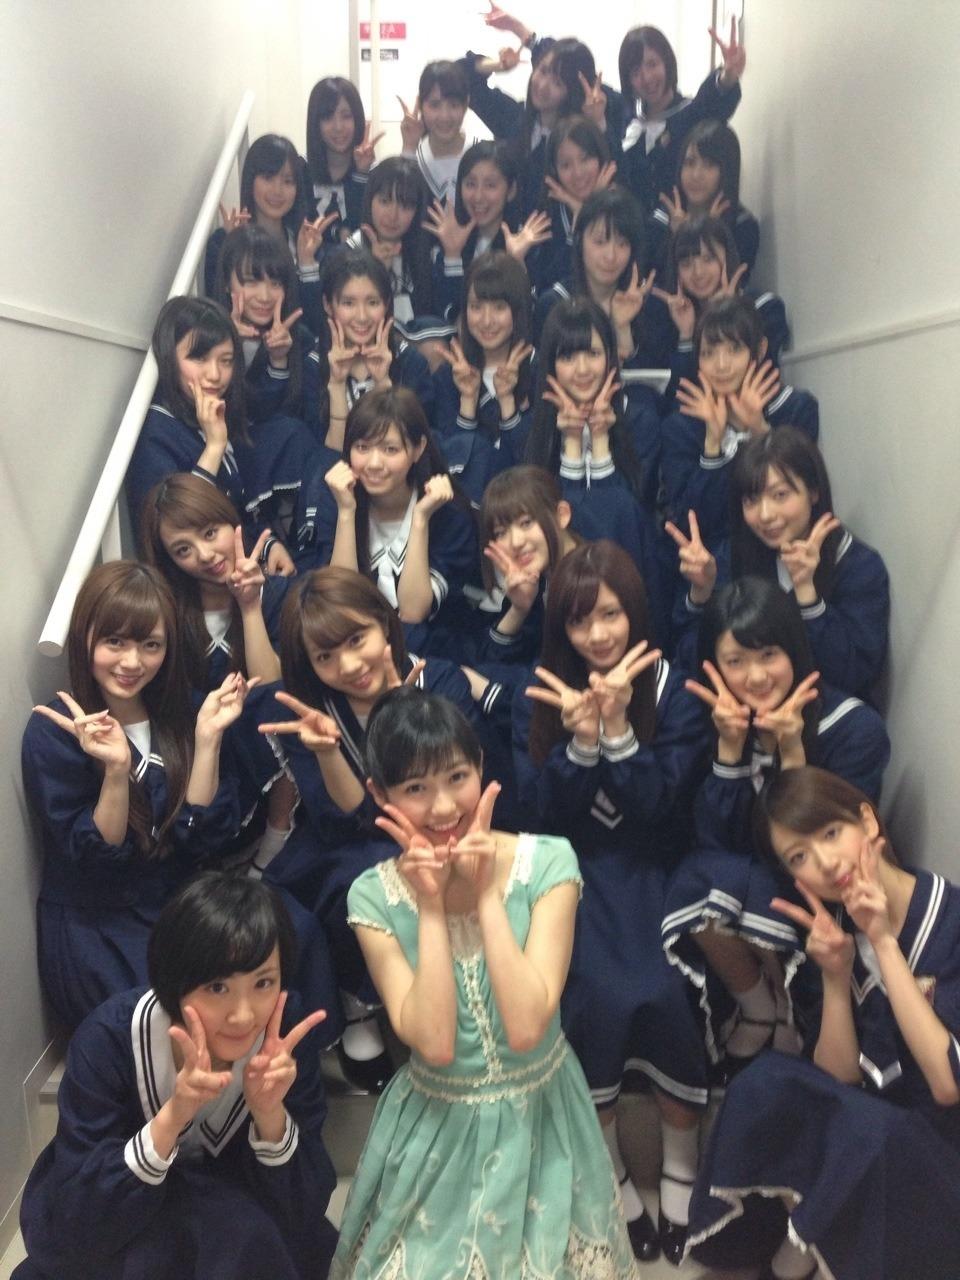 渡辺麻友が再び乃木坂46の公演を観覧